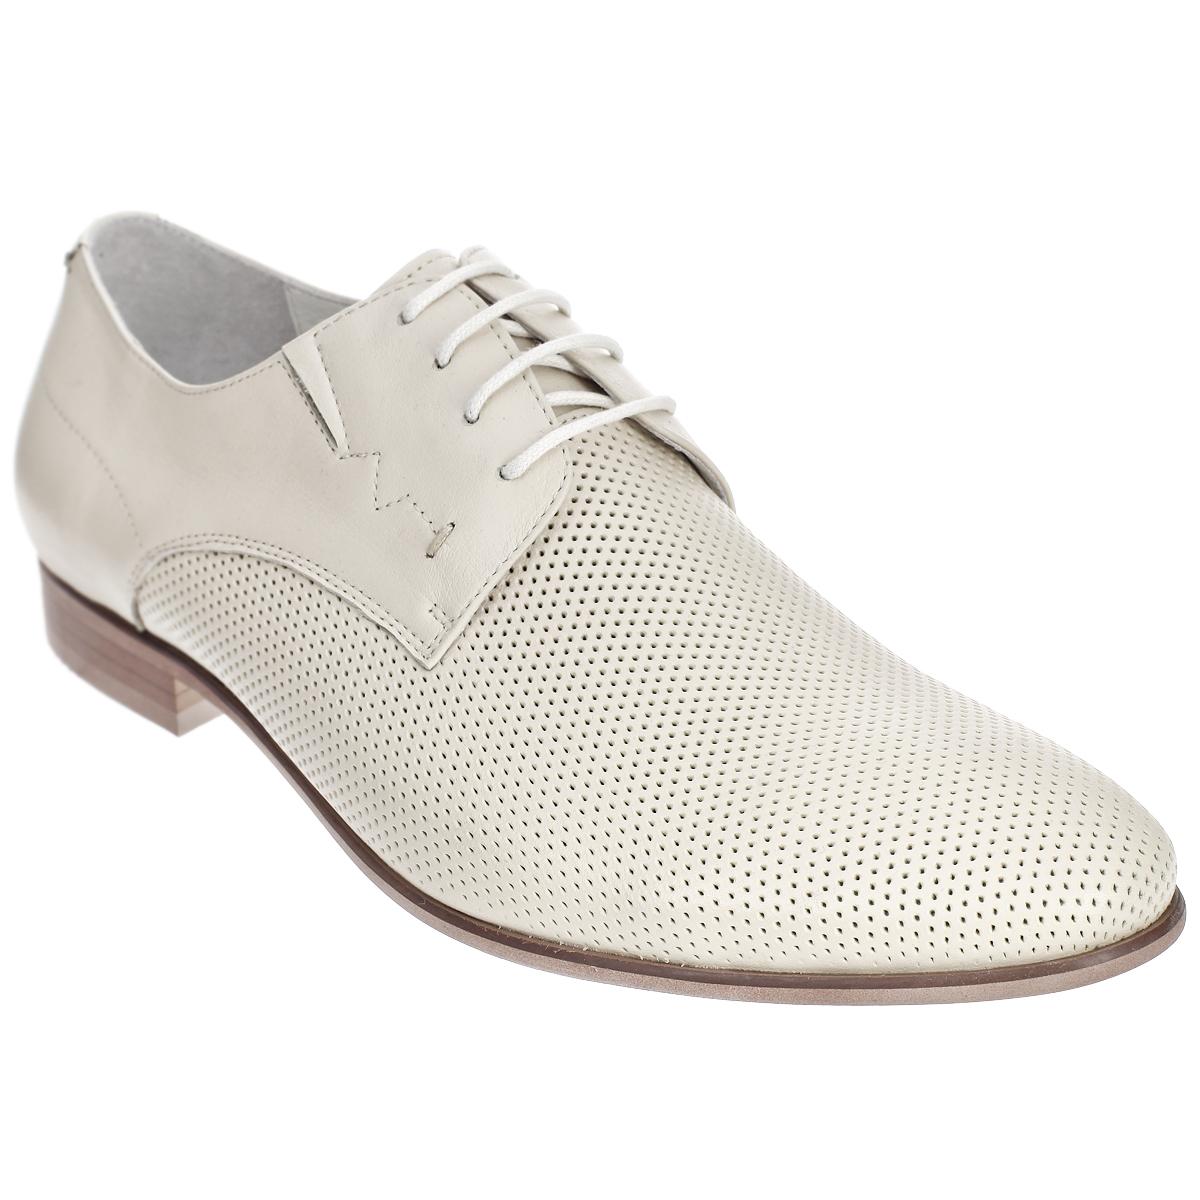 51657Элегантные мужские туфли от Antonio Biaggi отлично дополнят ваш деловой образ. Модель выполнена из высококачественной натуральной кожи и оформлена перфорацией. Резинки, расположенные на подъеме, гарантируют оптимальную посадку модели на ноге. Шнуровка надежно закрепит модель на ноге. Стелька из мягкой натуральной кожи с супинатором обеспечивает максимальный комфорт при движении. Умеренной высоты каблук и подошва с рифлением обеспечивают отличное сцепление с поверхностью. Стильные туфли займут достойное место среди вашей коллекции обуви.